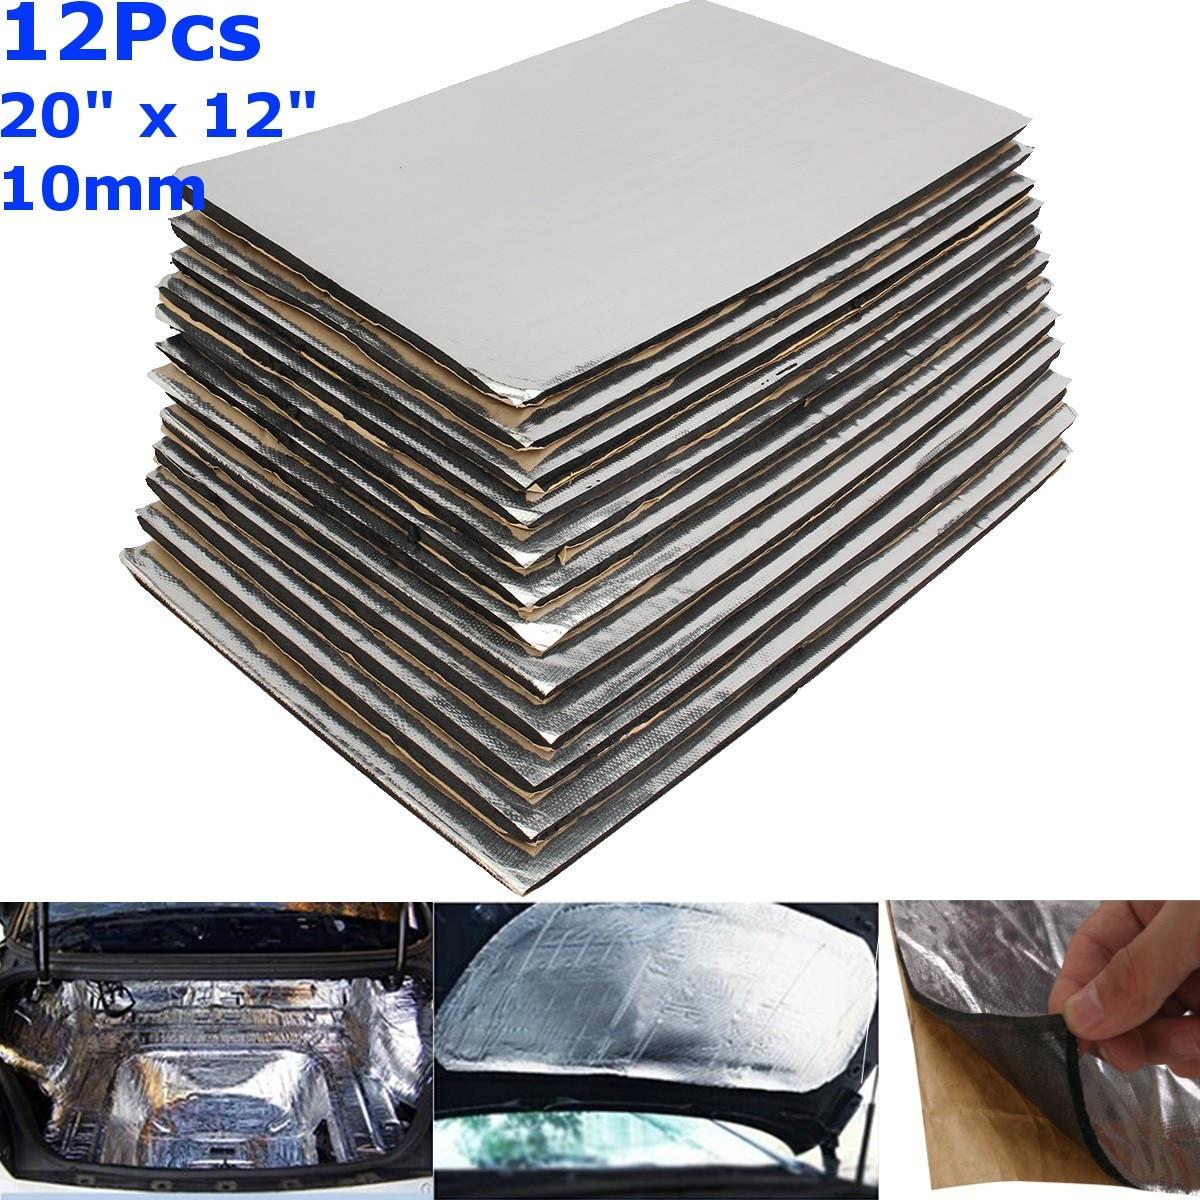 9pcs 12pcs 10mm 8mm 6mm Car Sound Mat Proofing Deadener Heat Noise Insulation Deadening Mat Hood Closed Cell Foam 50x30cm